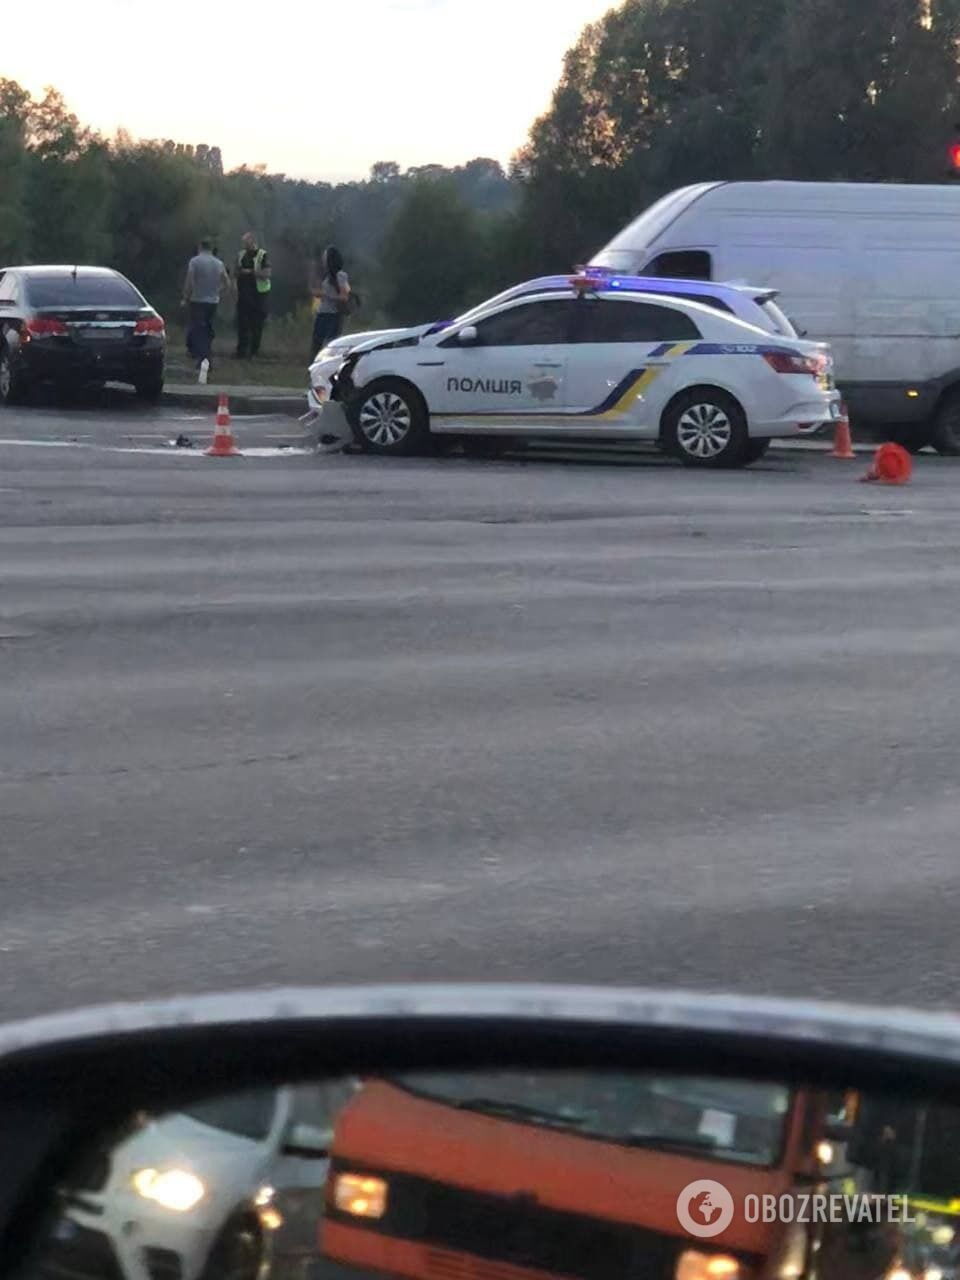 Внаслідок зіткнення пошкоджено автомобіль поліції.